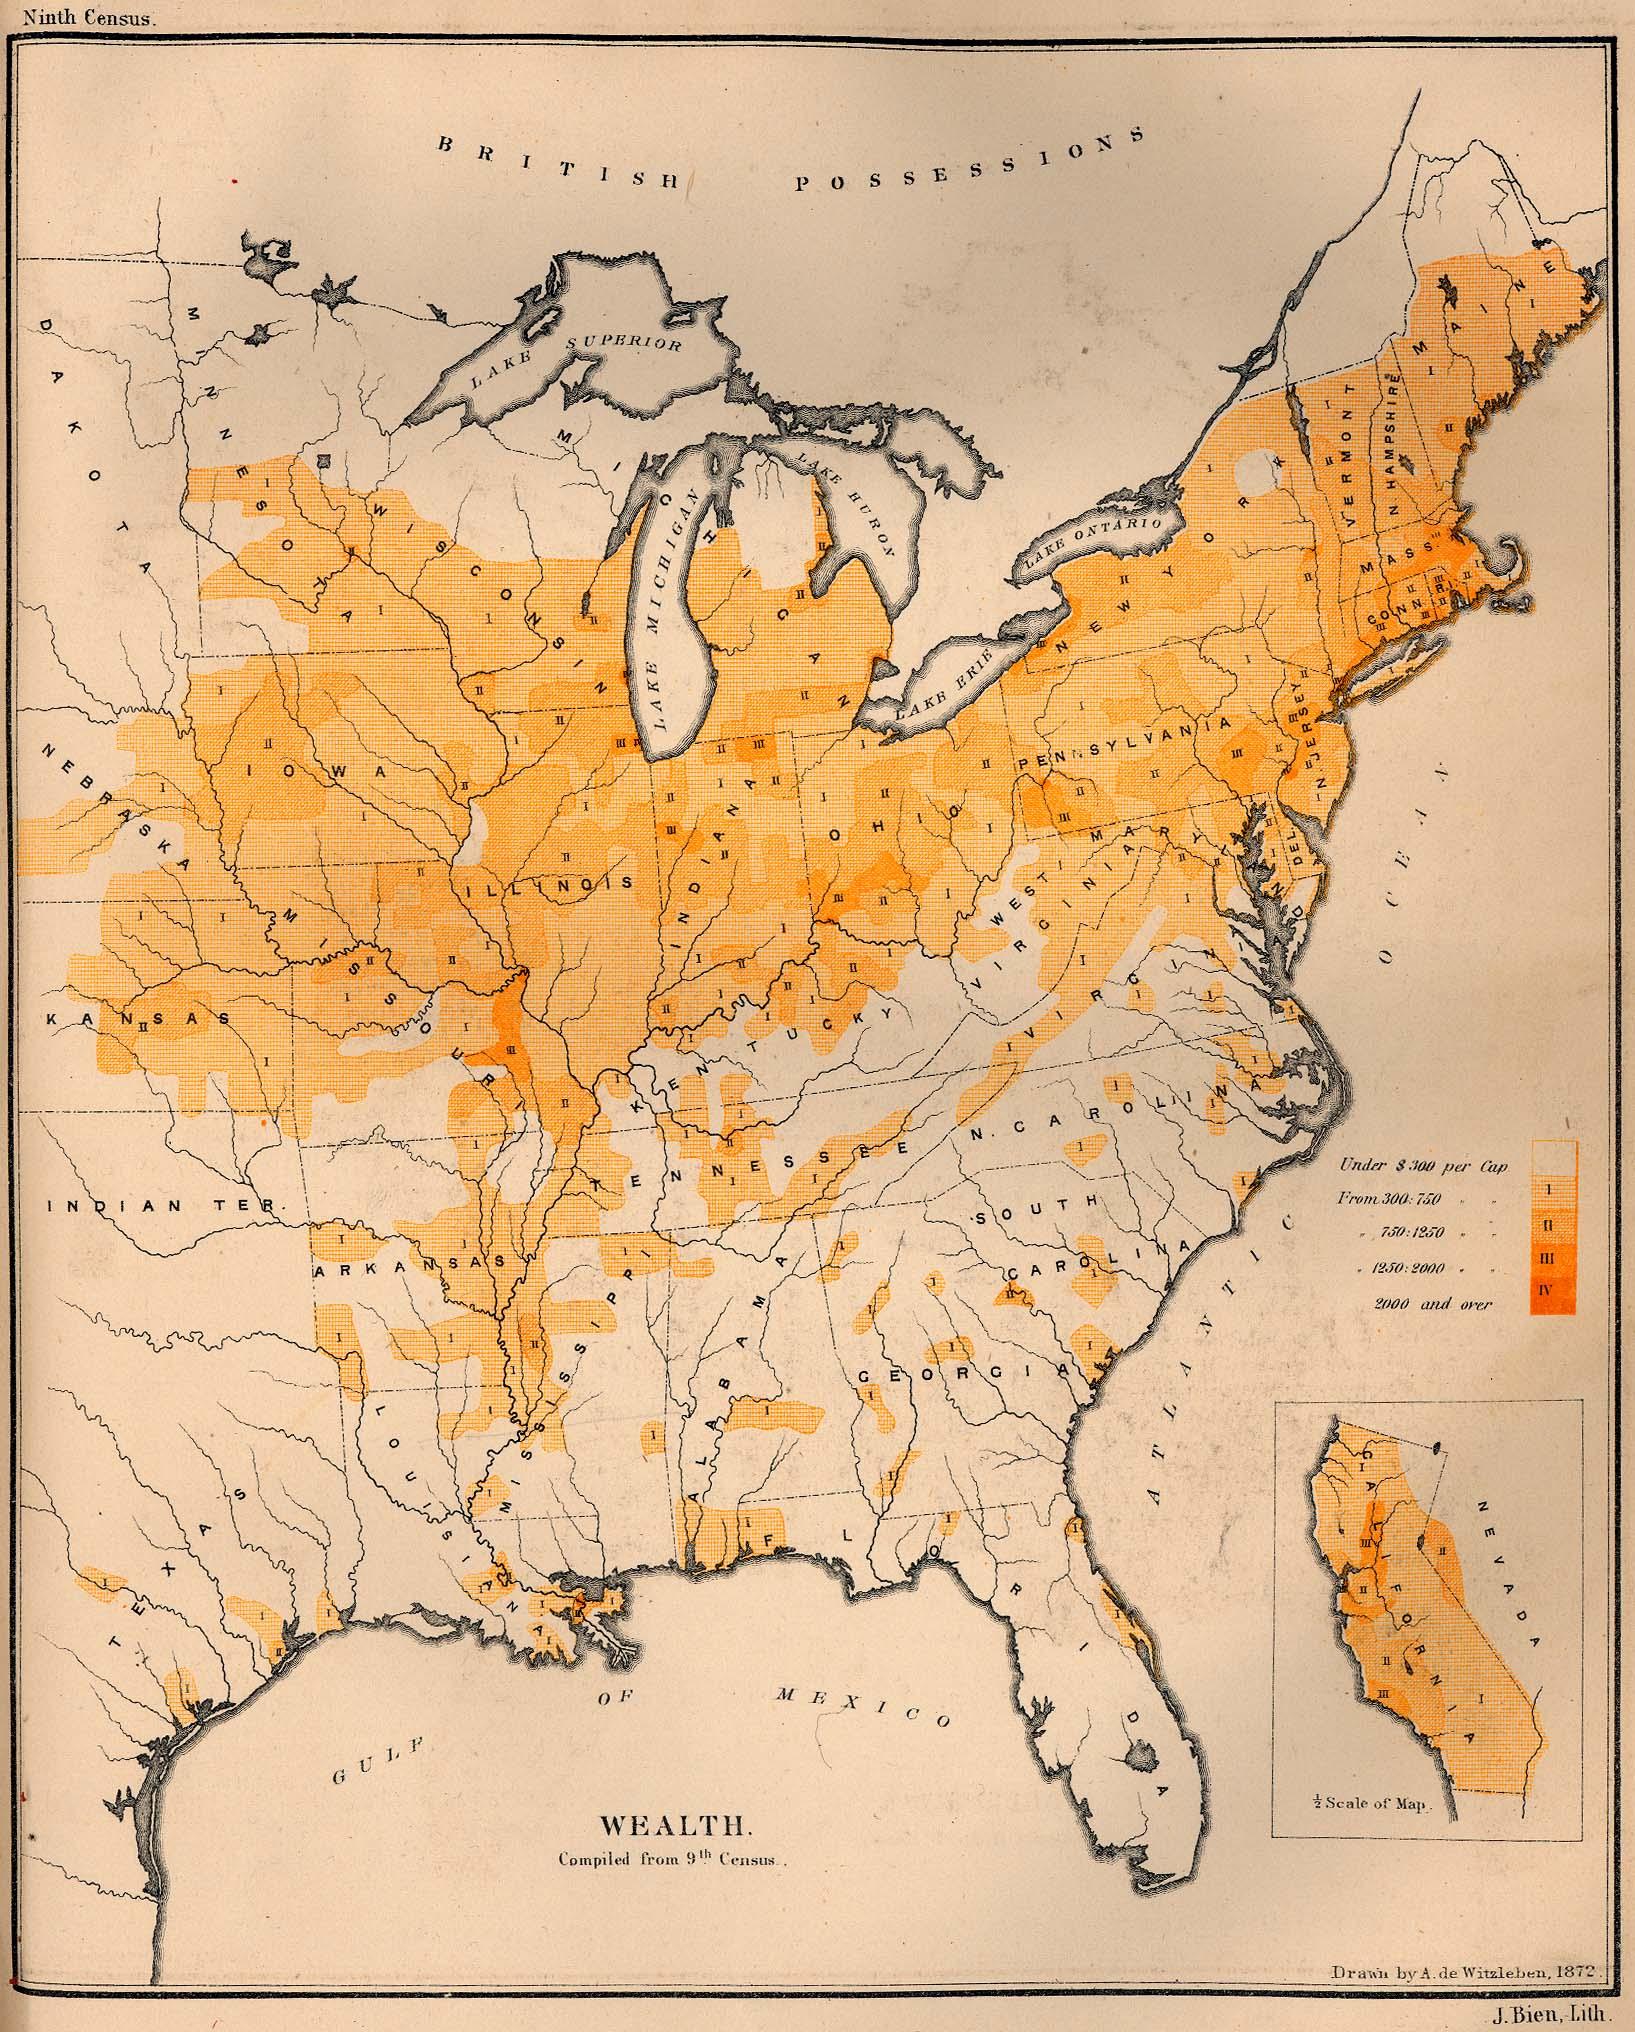 Mapa de la Riqueza en los Estados Unidos 1872